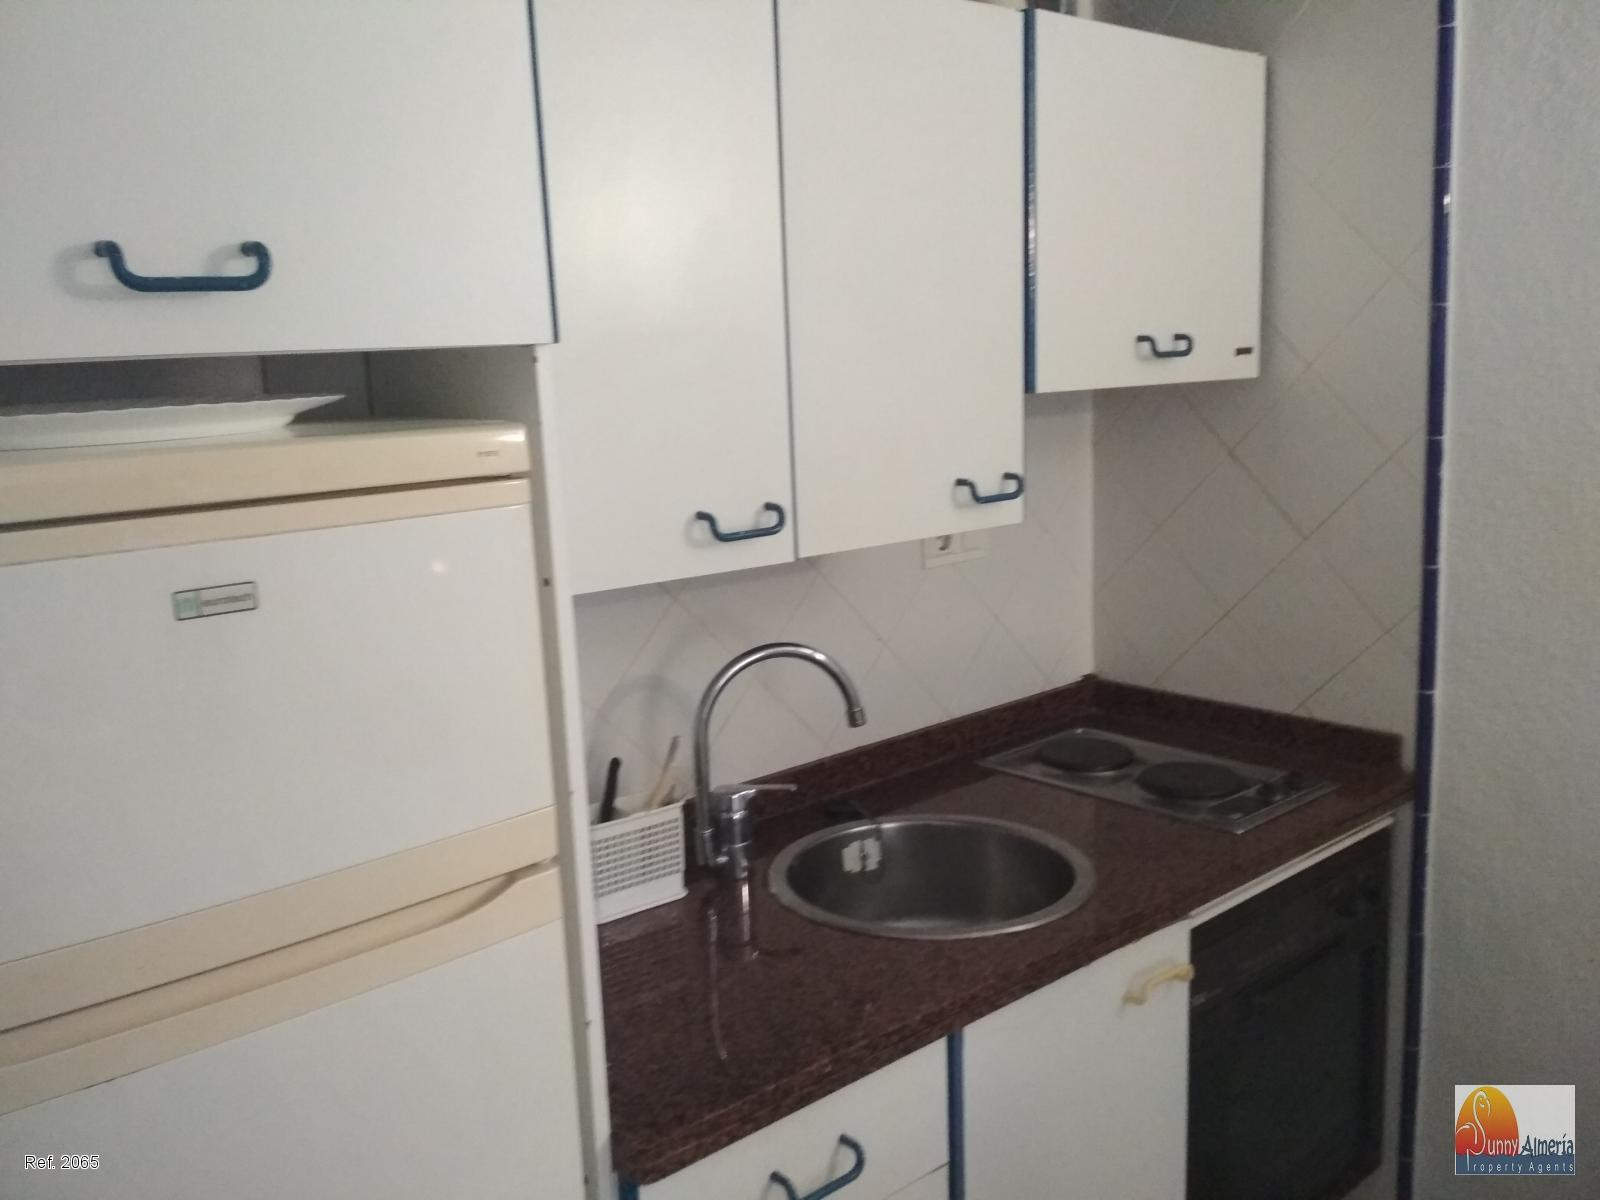 Petit Appartement de vacances à Avenida Entremares 112 (Roquetas de Mar), 700 €/mois